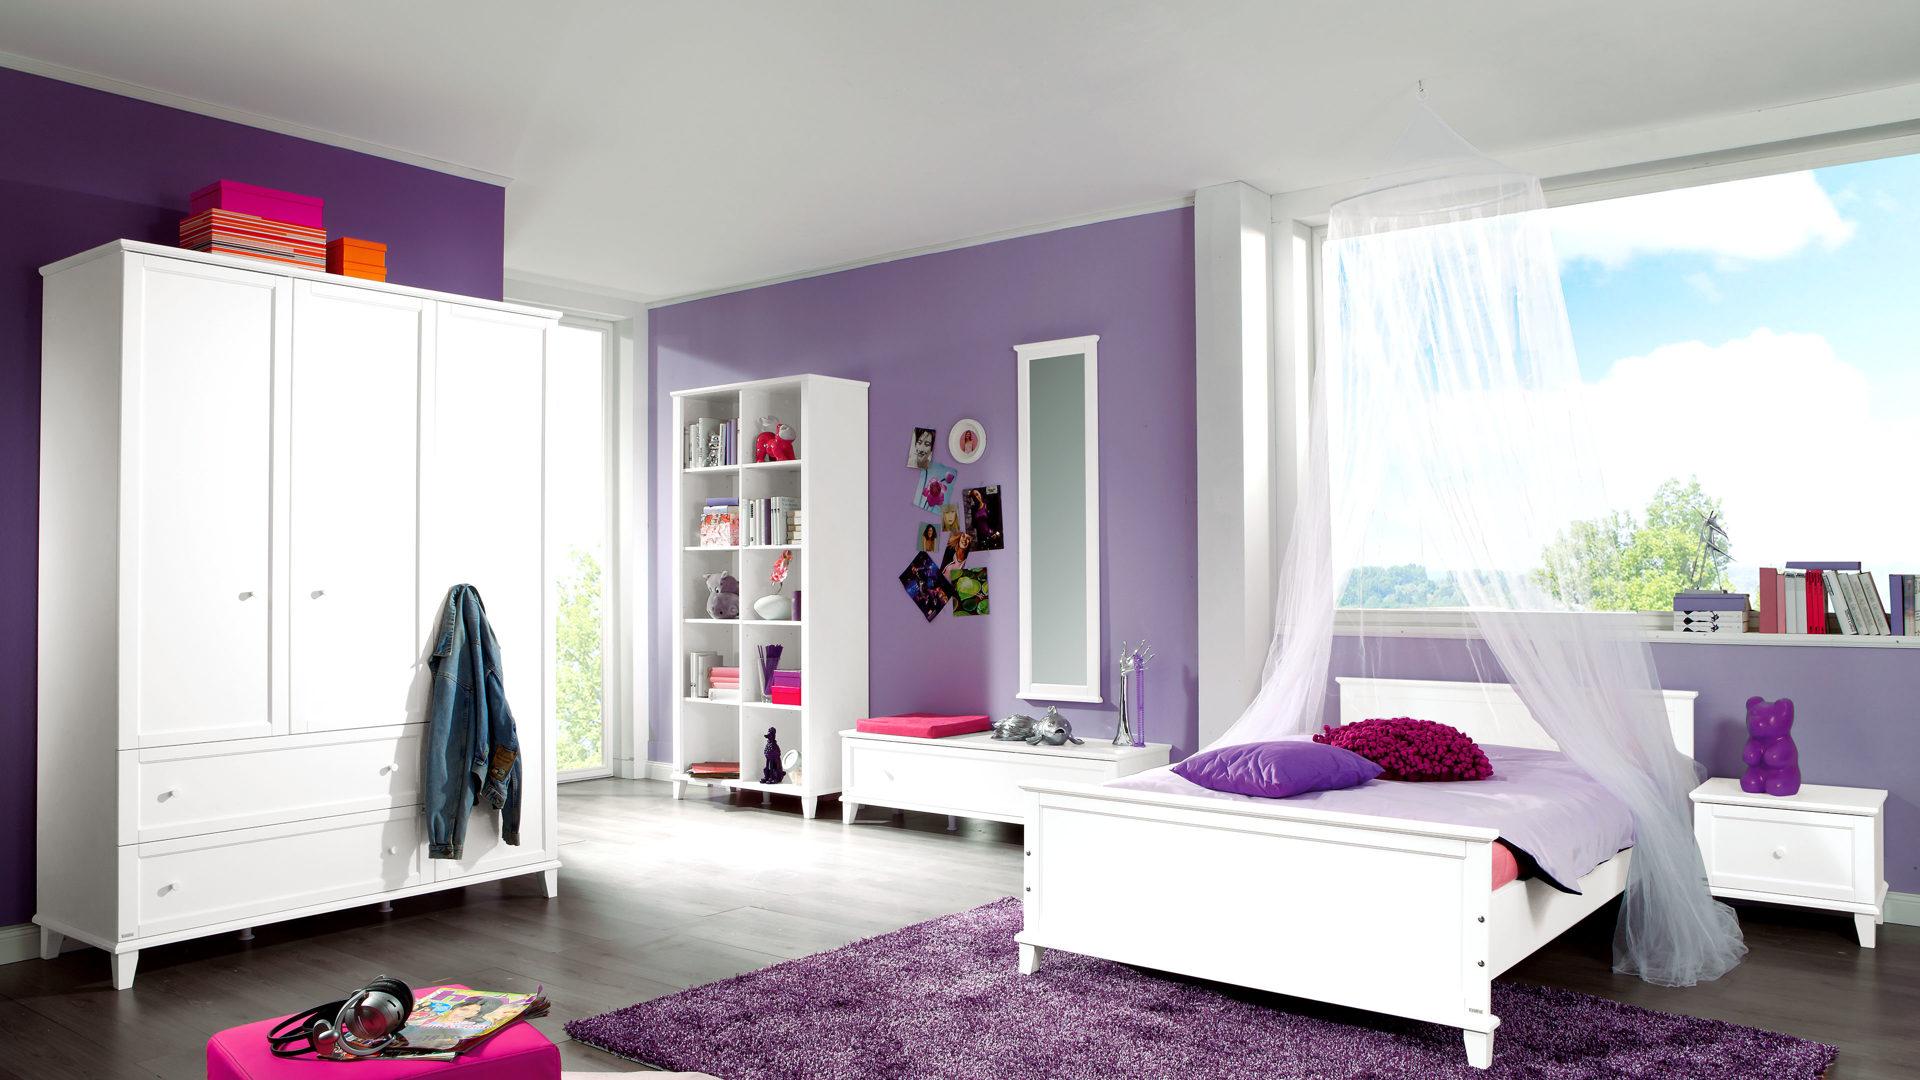 Paidi Jugendzimmer Sophia Mit Bett Und Kleiderschrank Eisweißer Lack Dreiteilig Liegefläche Ca 90 X 200 Cm